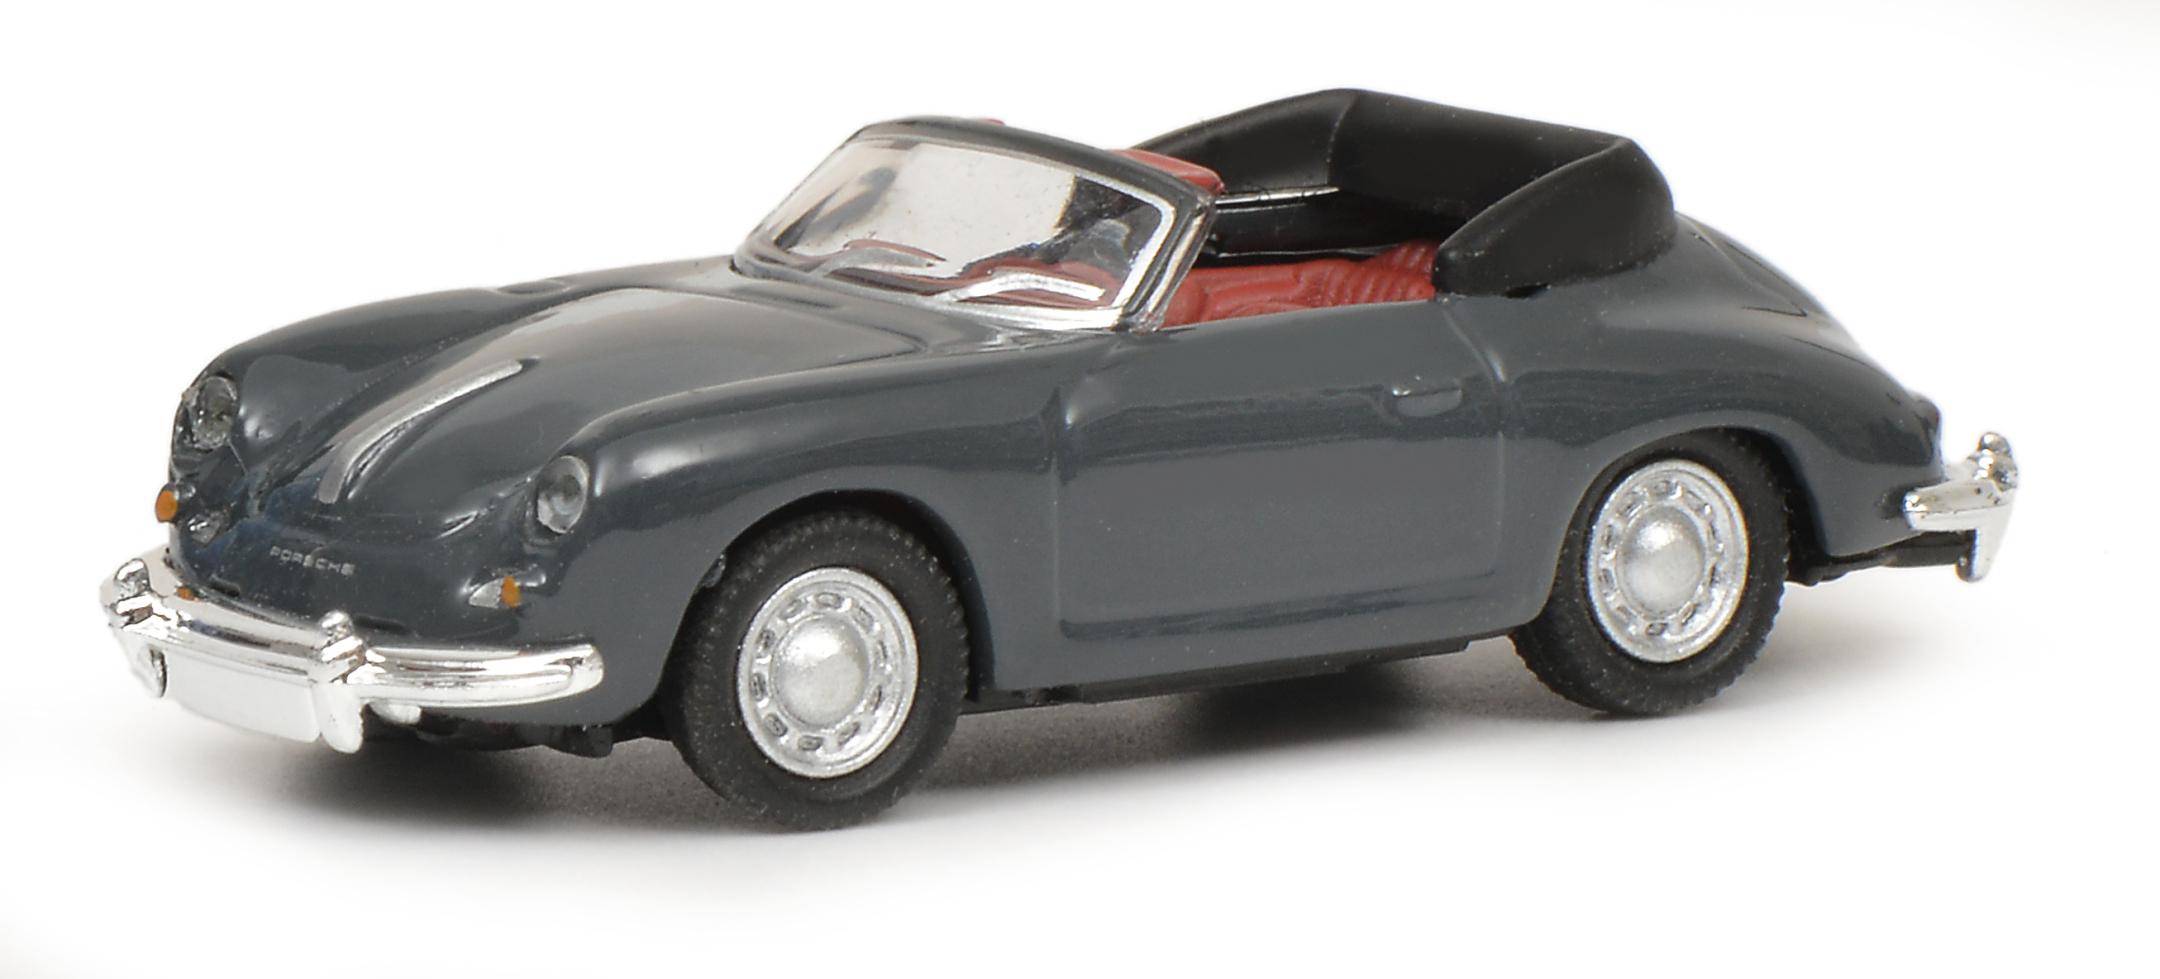 Porsche 356 A Cabriolet 1:87